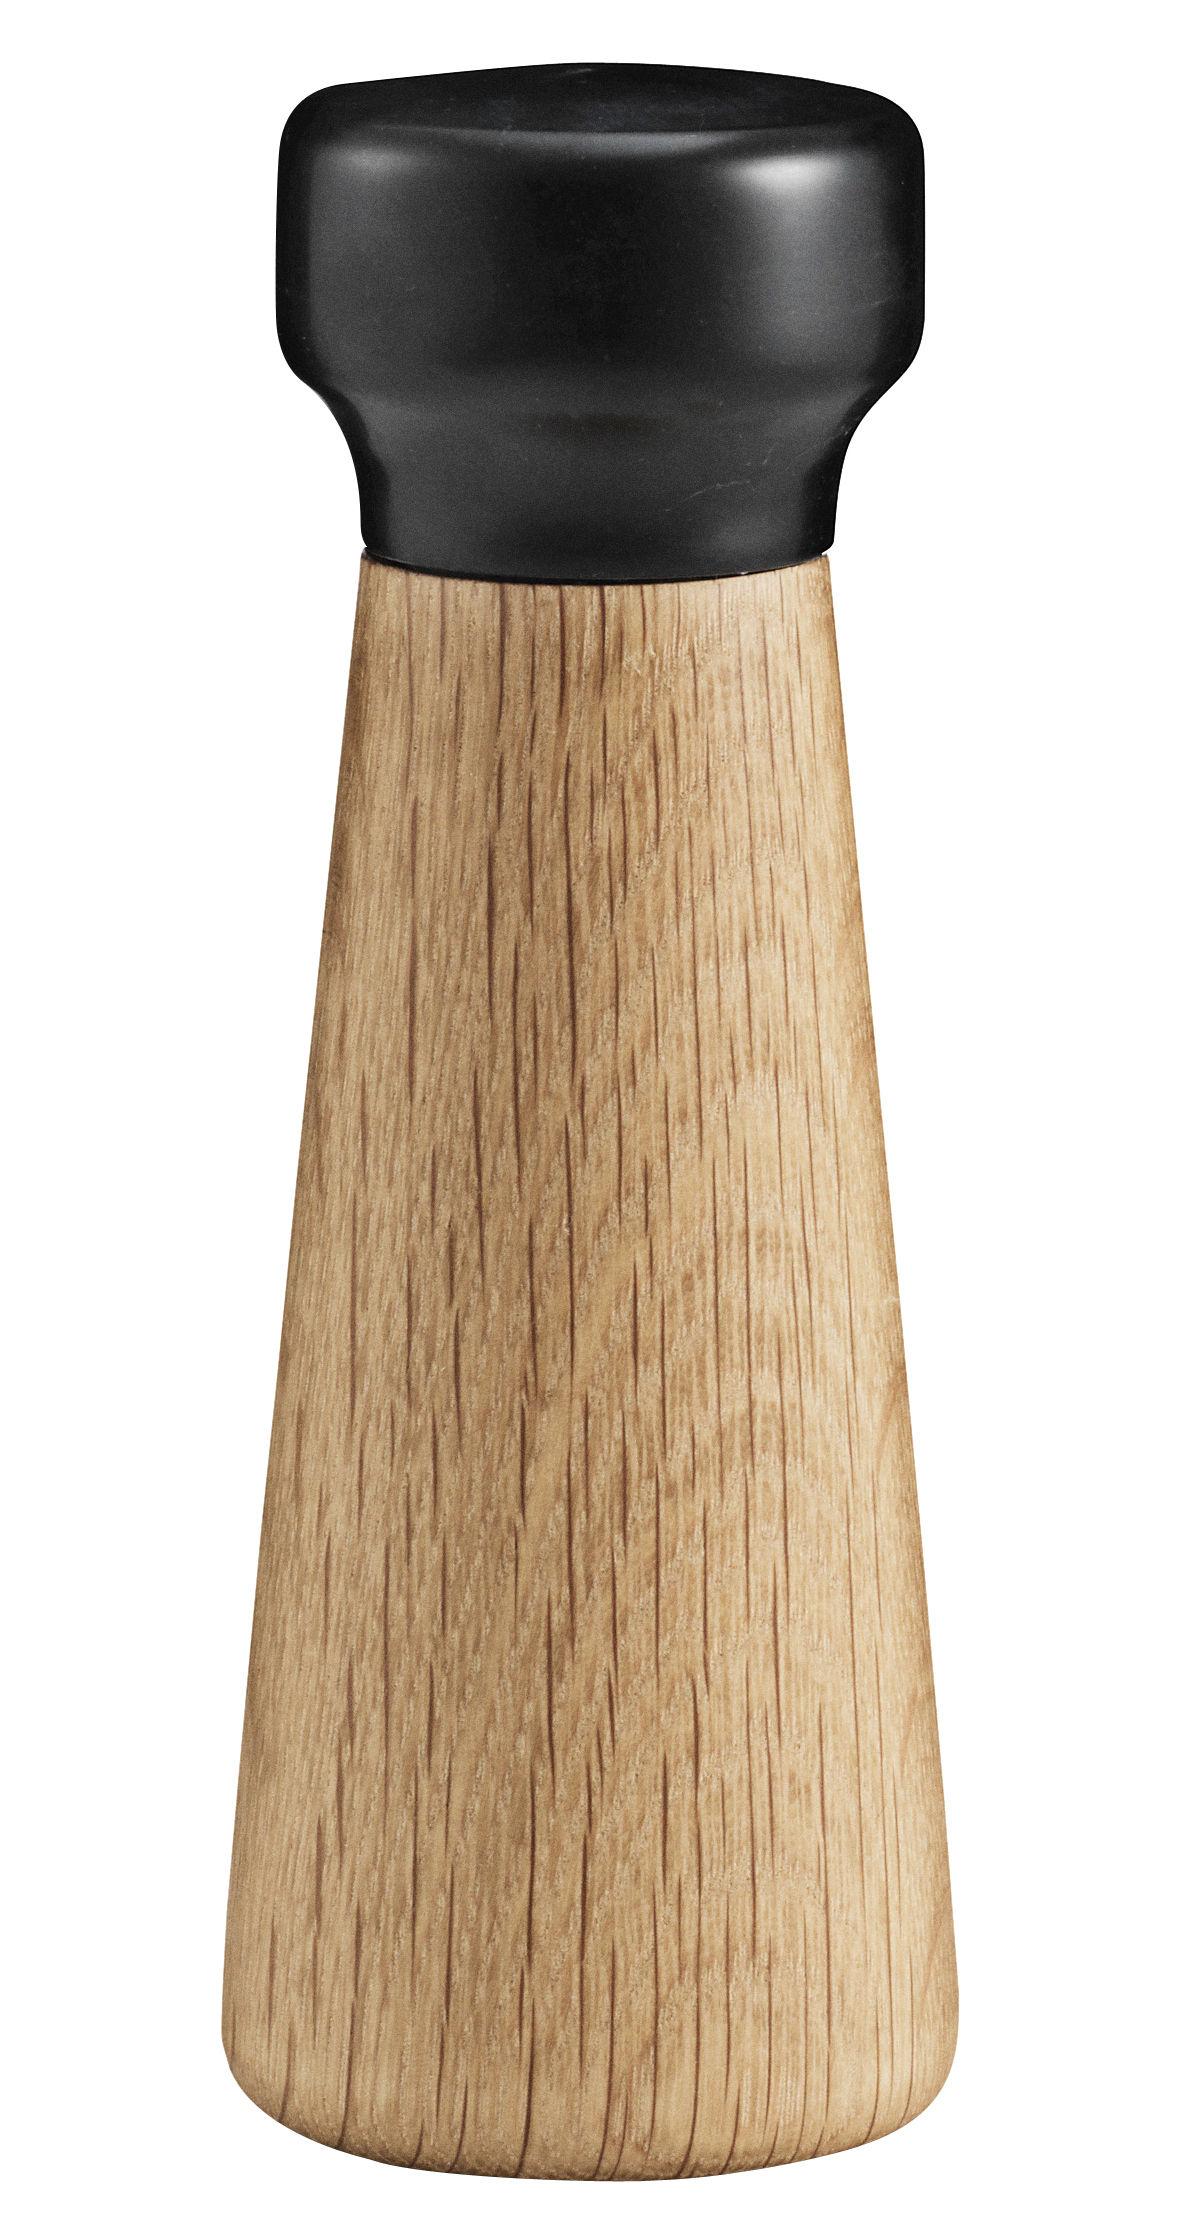 Coquetiers - Sel, poivre et épices - Moulin à poivre Craft Small - Normann Copenhagen - Marbre noir / POIVRE - Chêne massif, Marbre